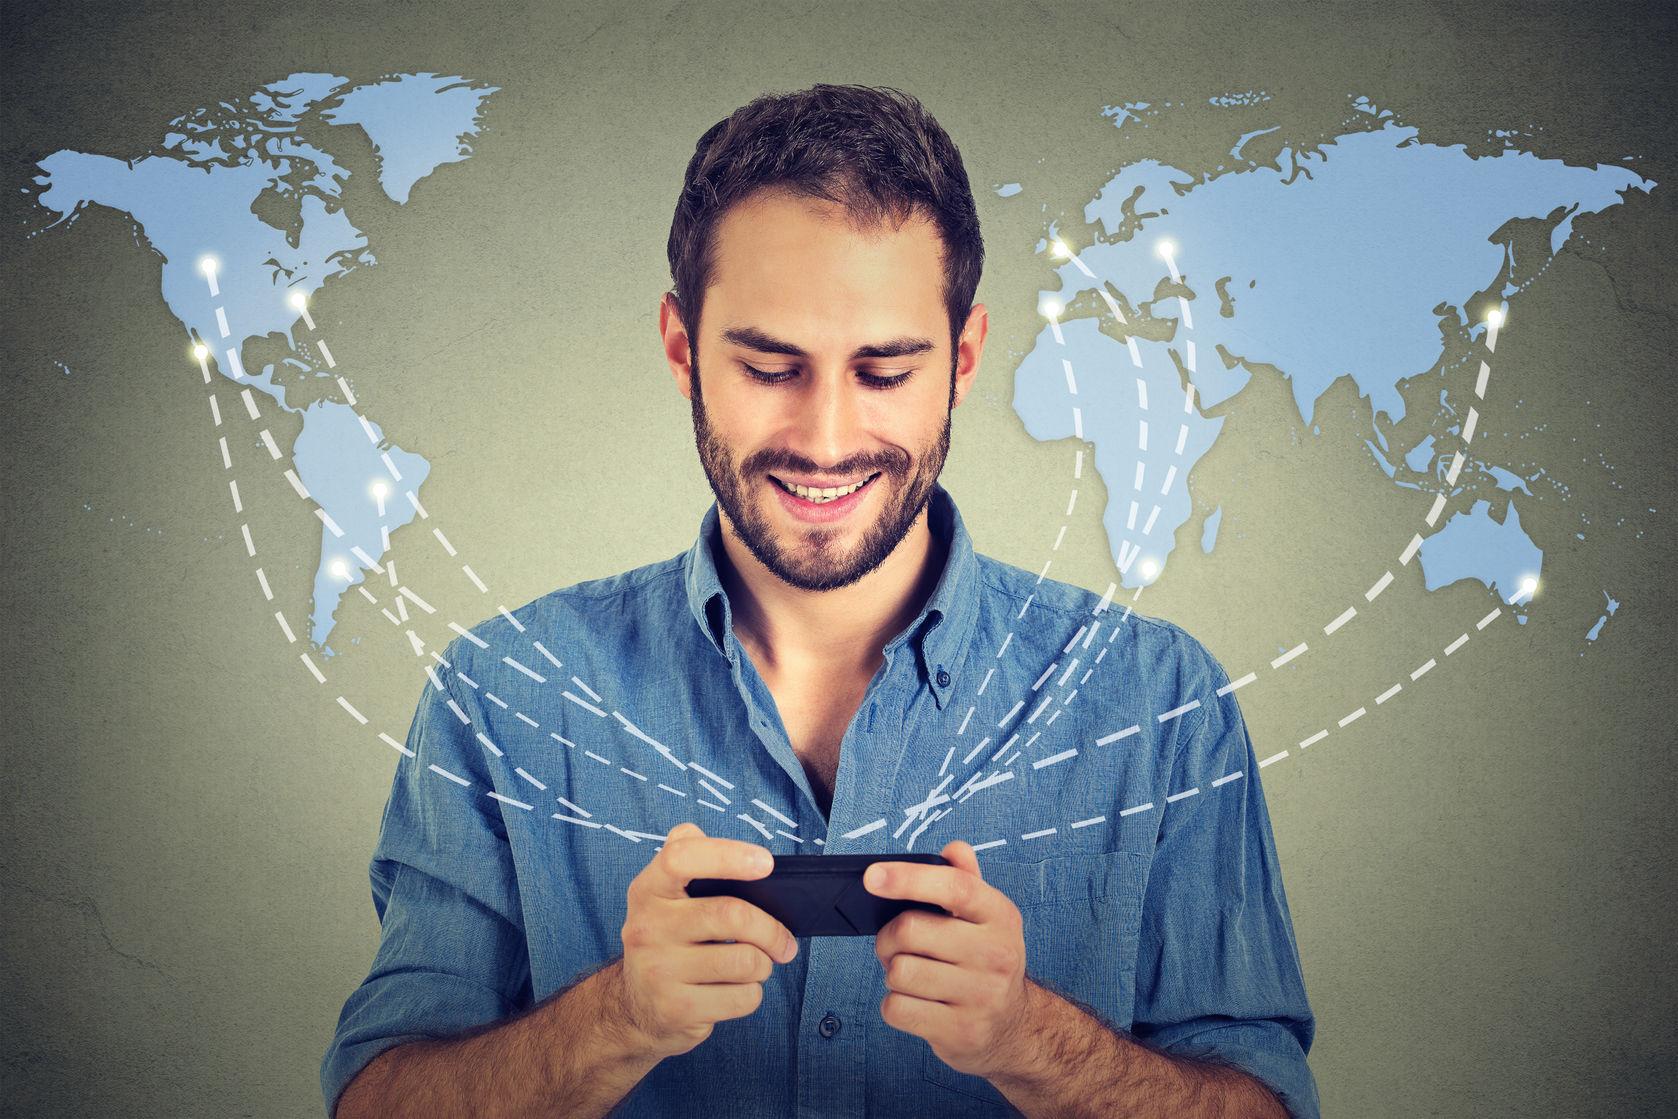 600 Zonas nuevas de wifi gratis tendrá el país